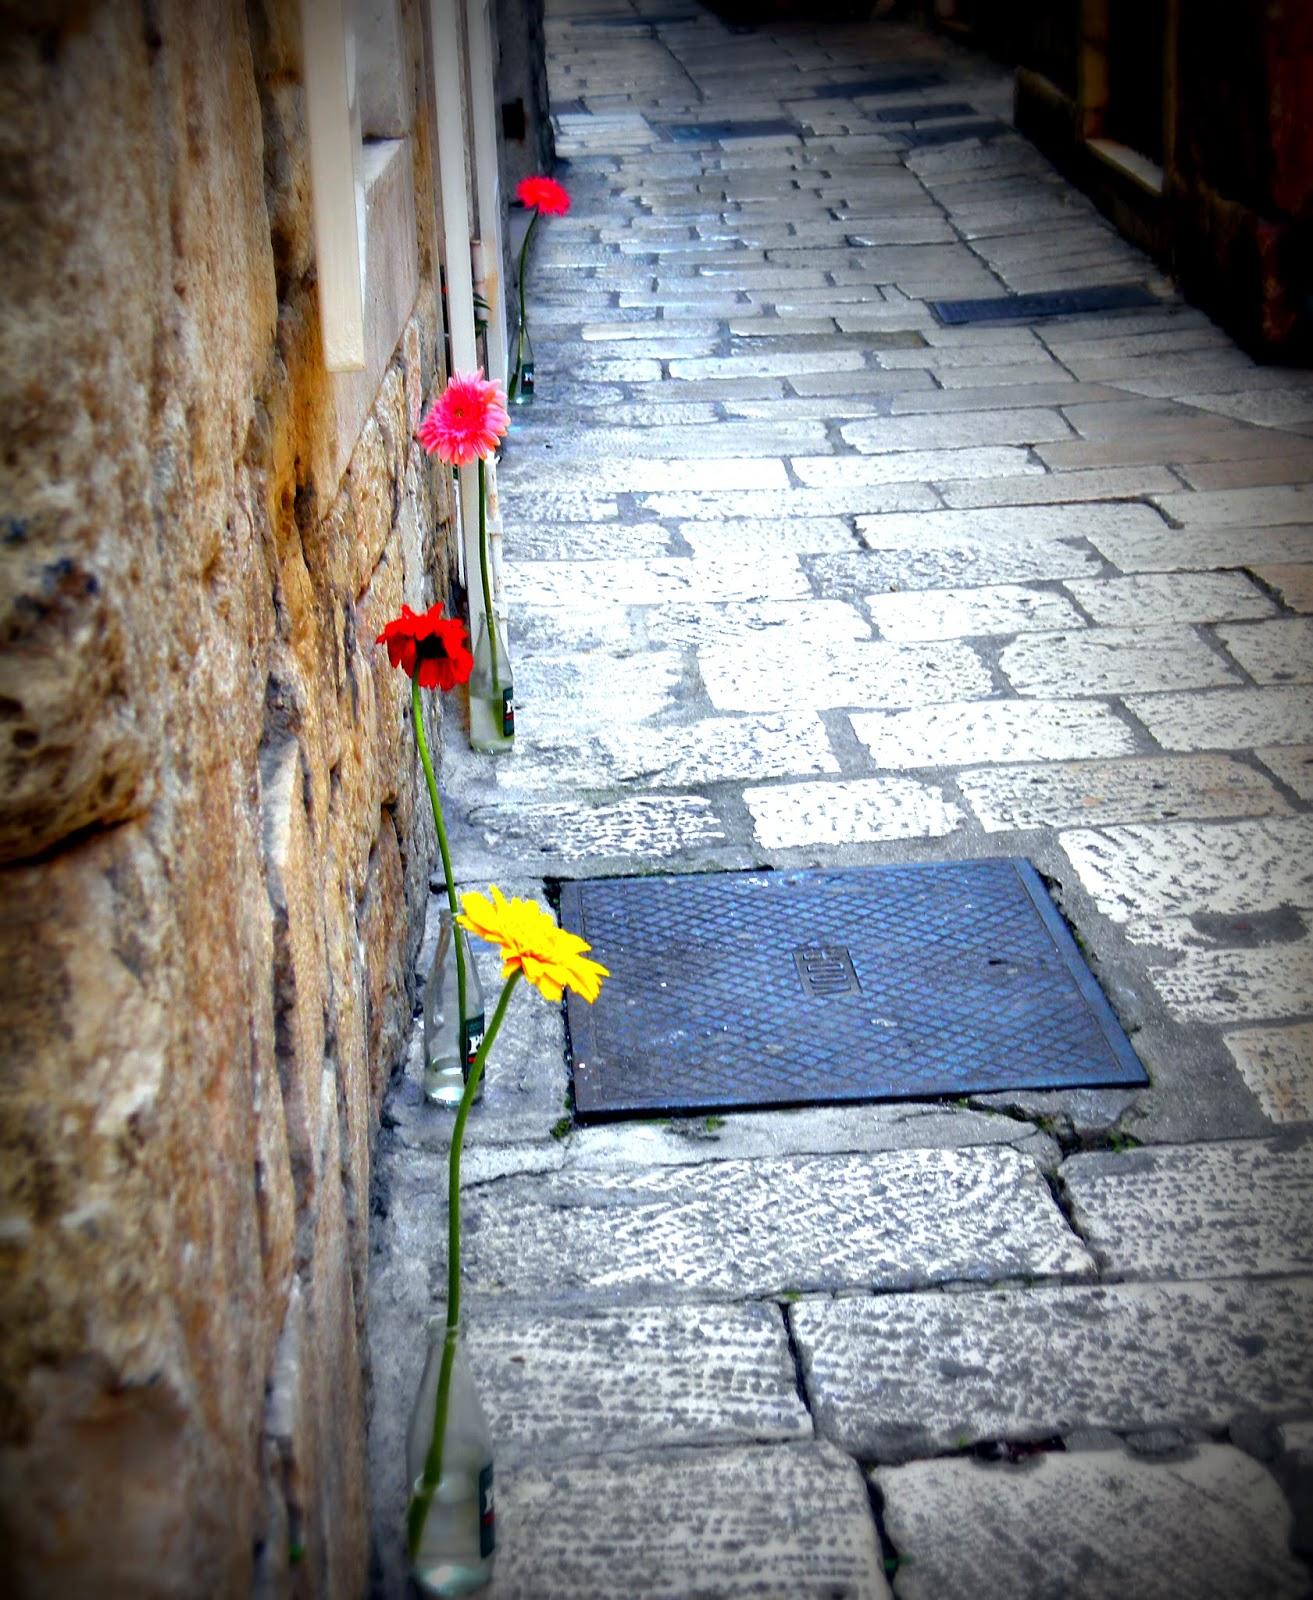 Imagenes y fotos: Tarjetas con Frases de Pesame, parte 3 - Imagenes De Flores Para Luto